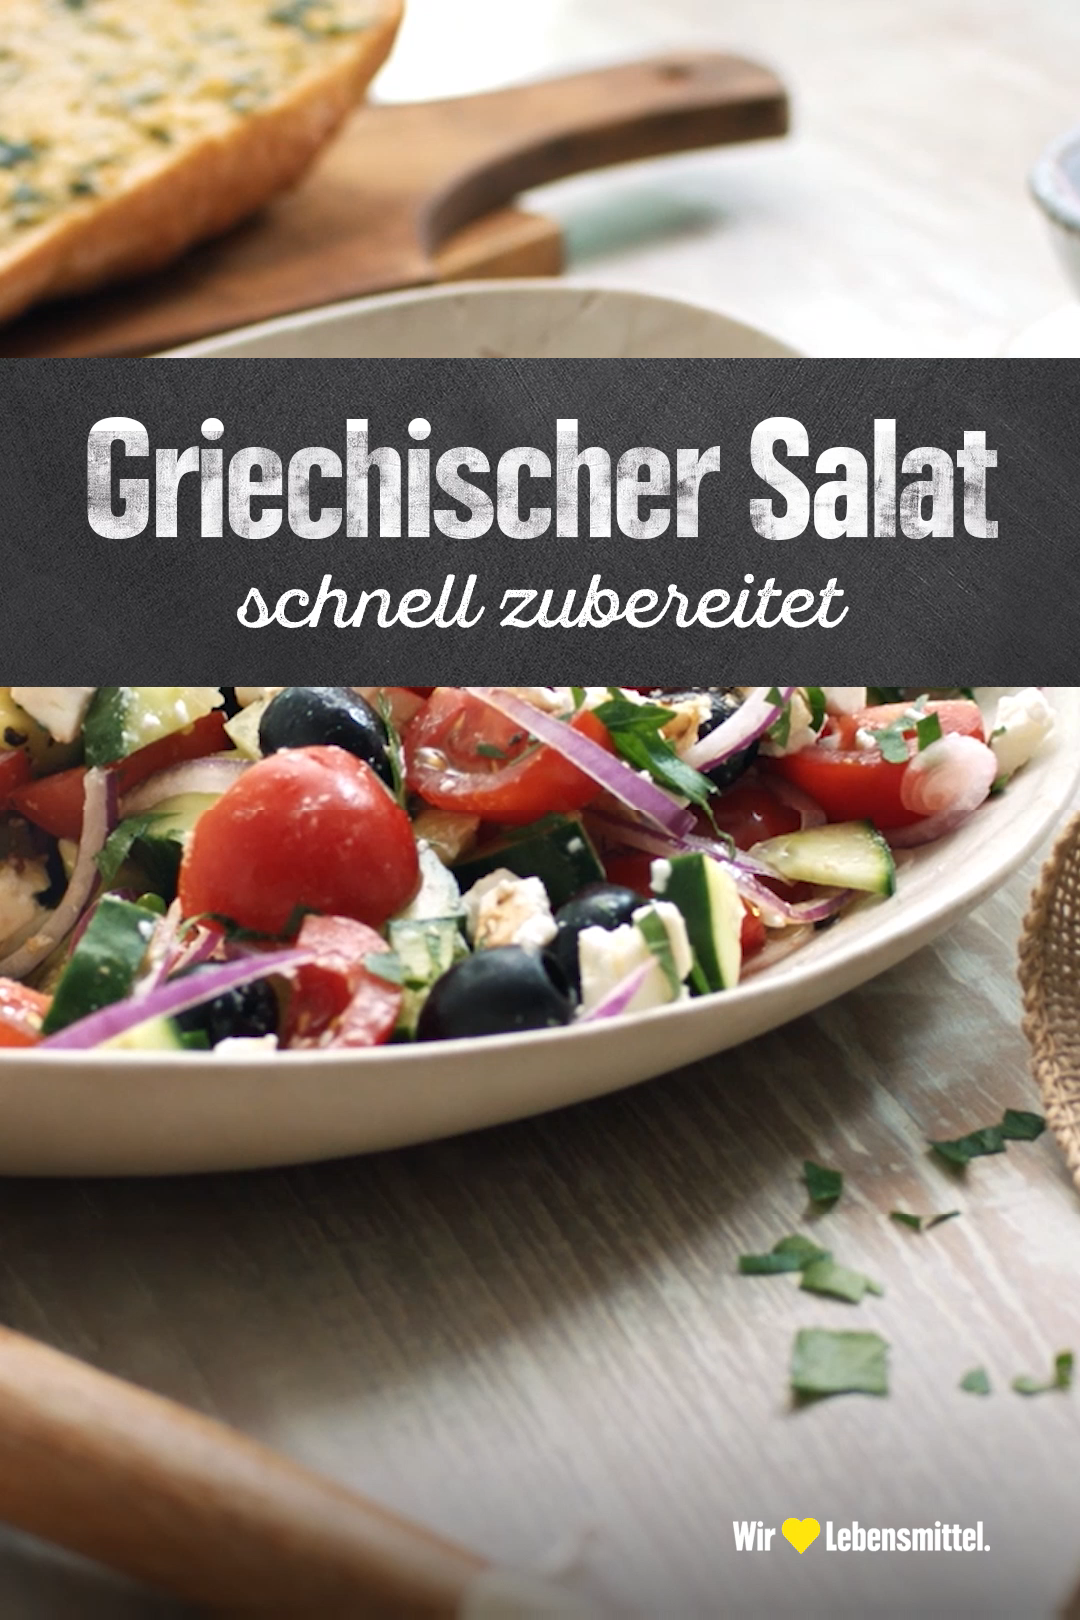 Griechischer Salat